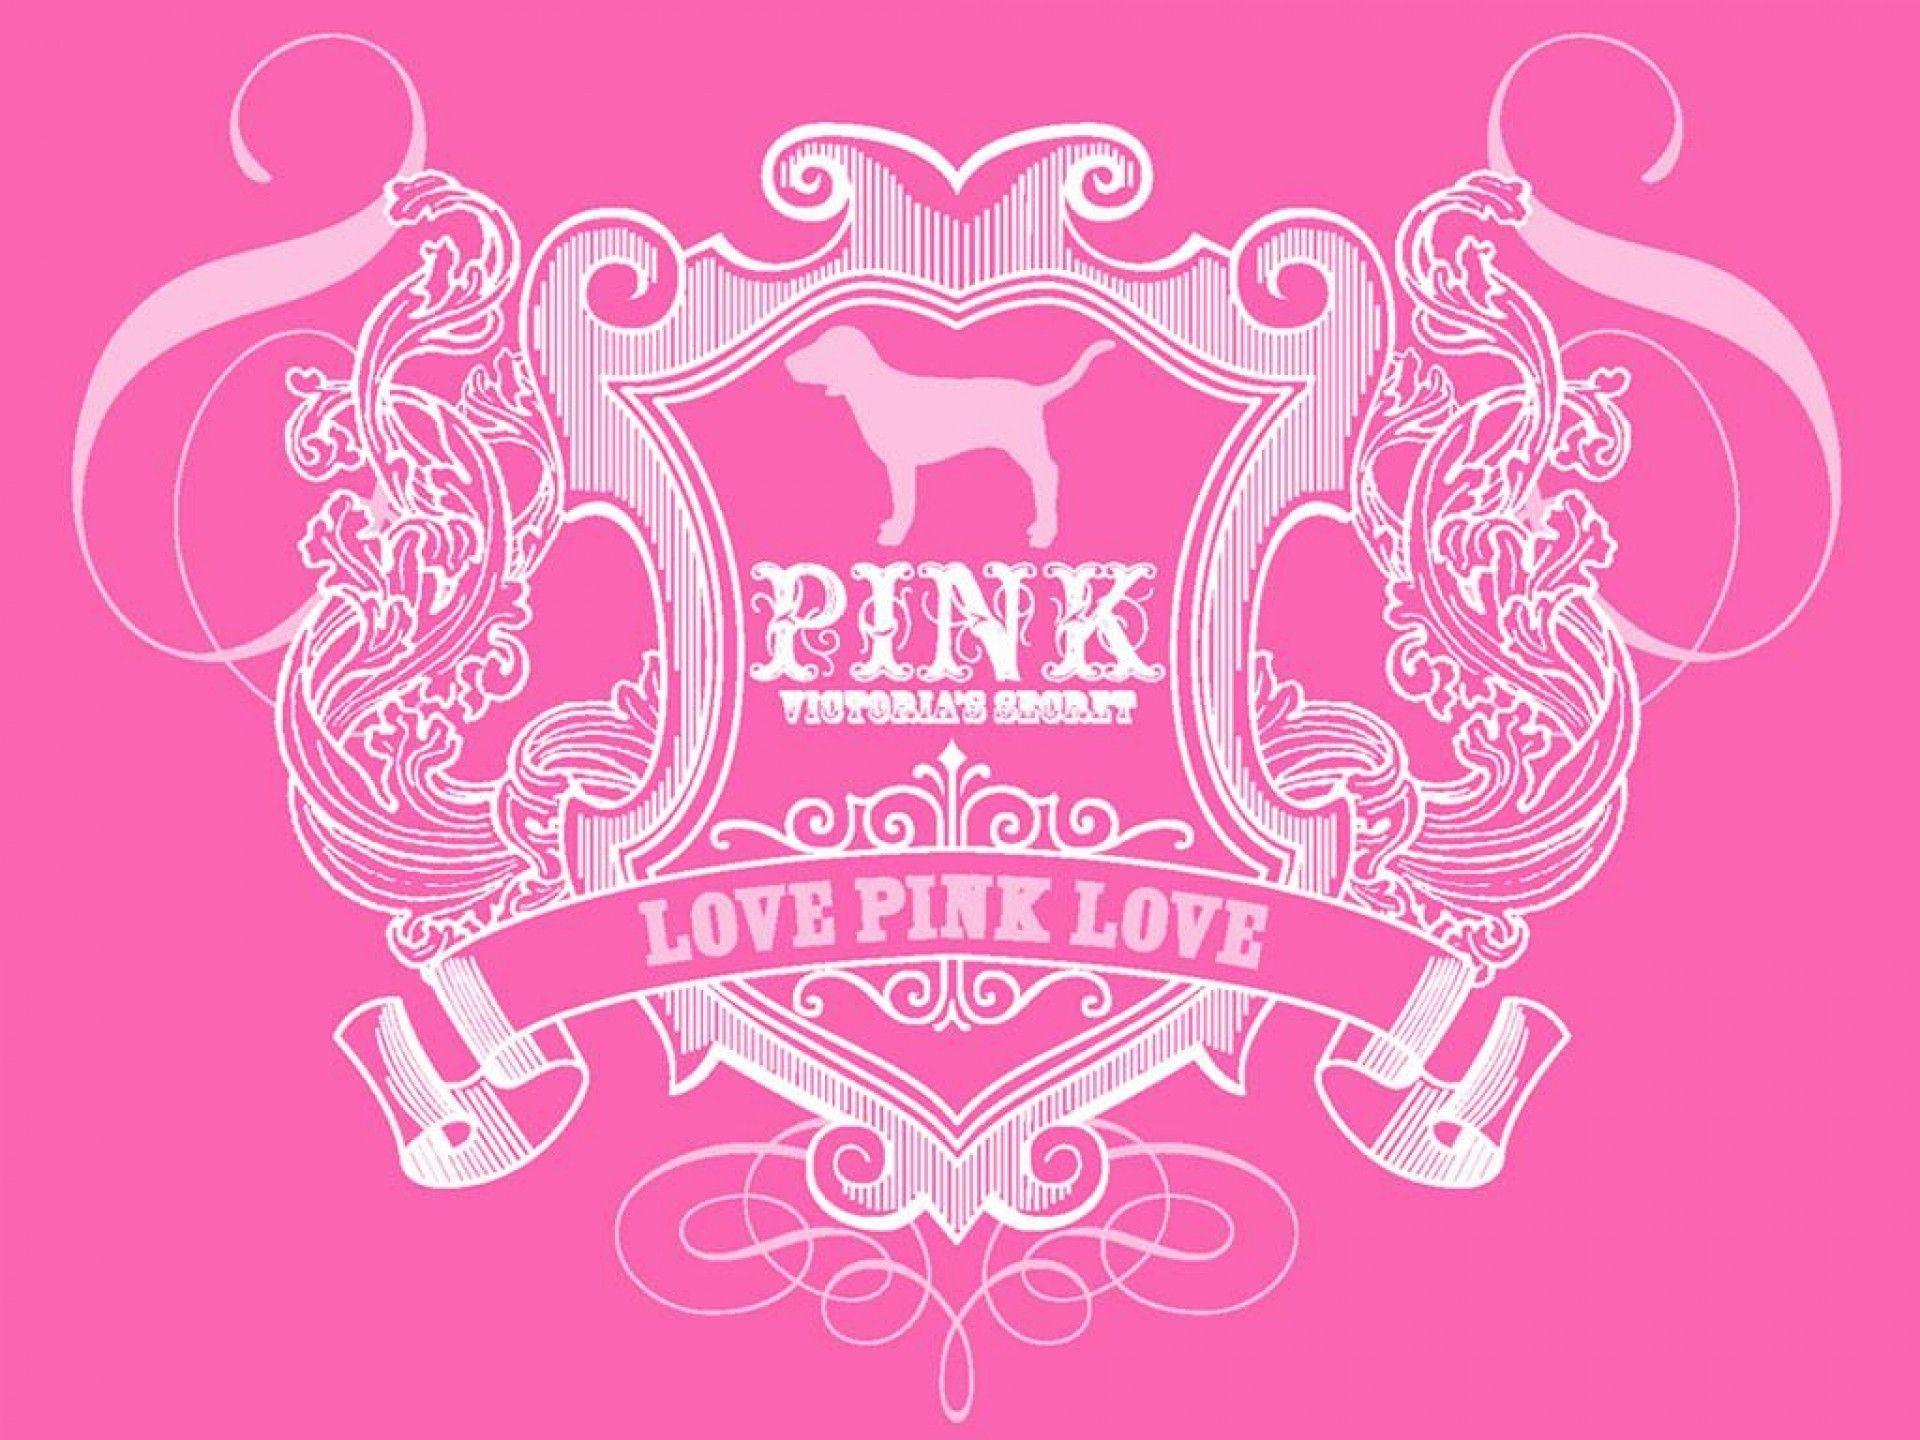 1920x1440 Love Pink Vs Wallpaper High Resolution For Desktop Uncalke